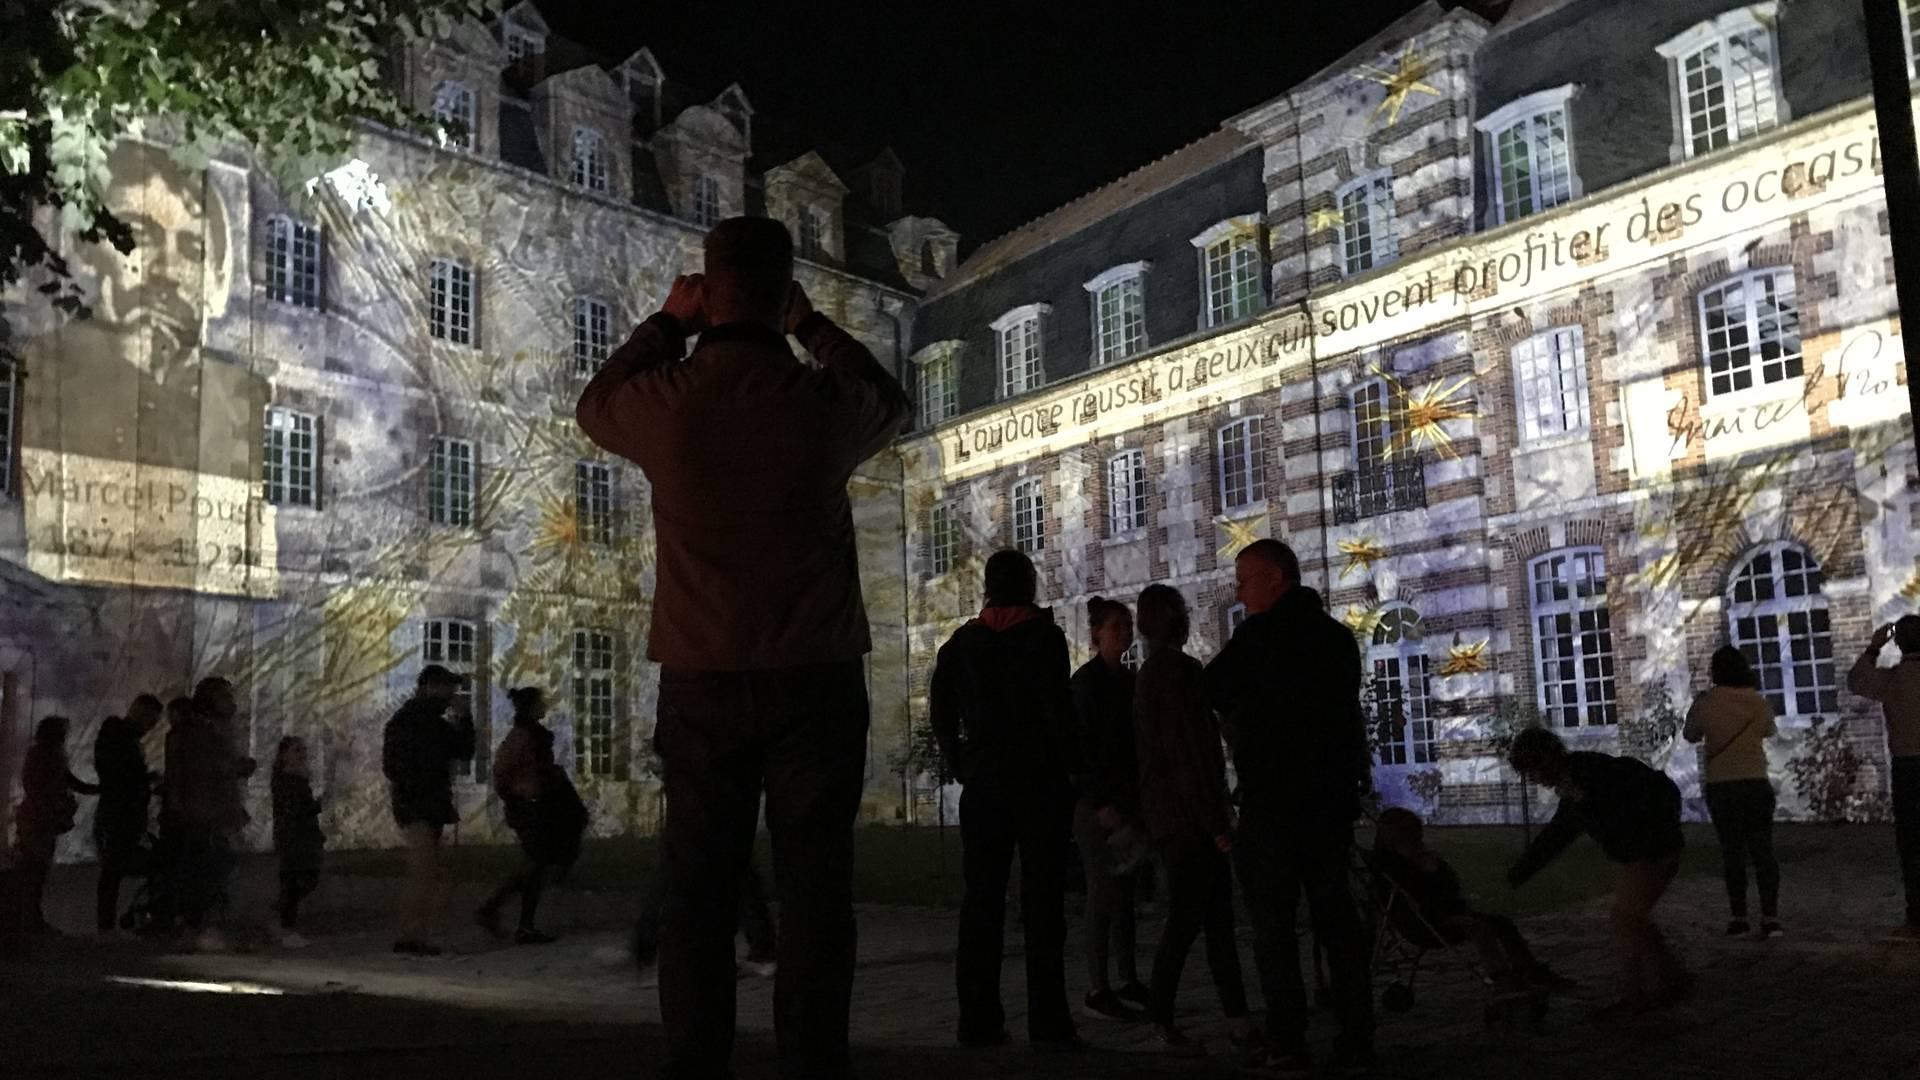 Eurélium illuminé par une scénographie fixe autour de Marcel Proust